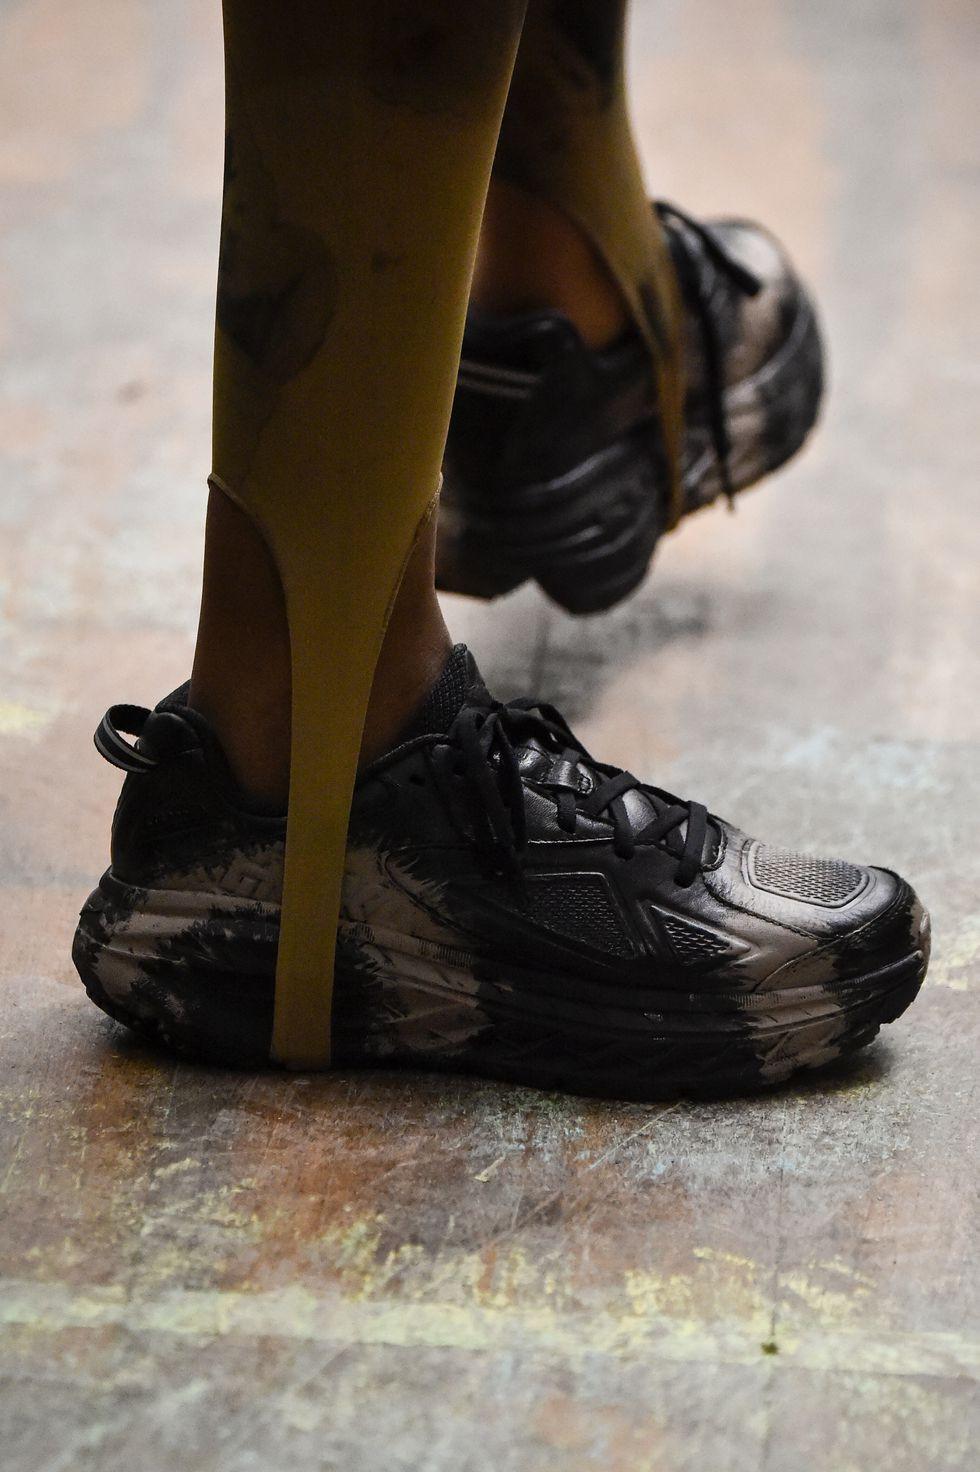 أسبوع الموضة في نيويورك - حذاء رياضي